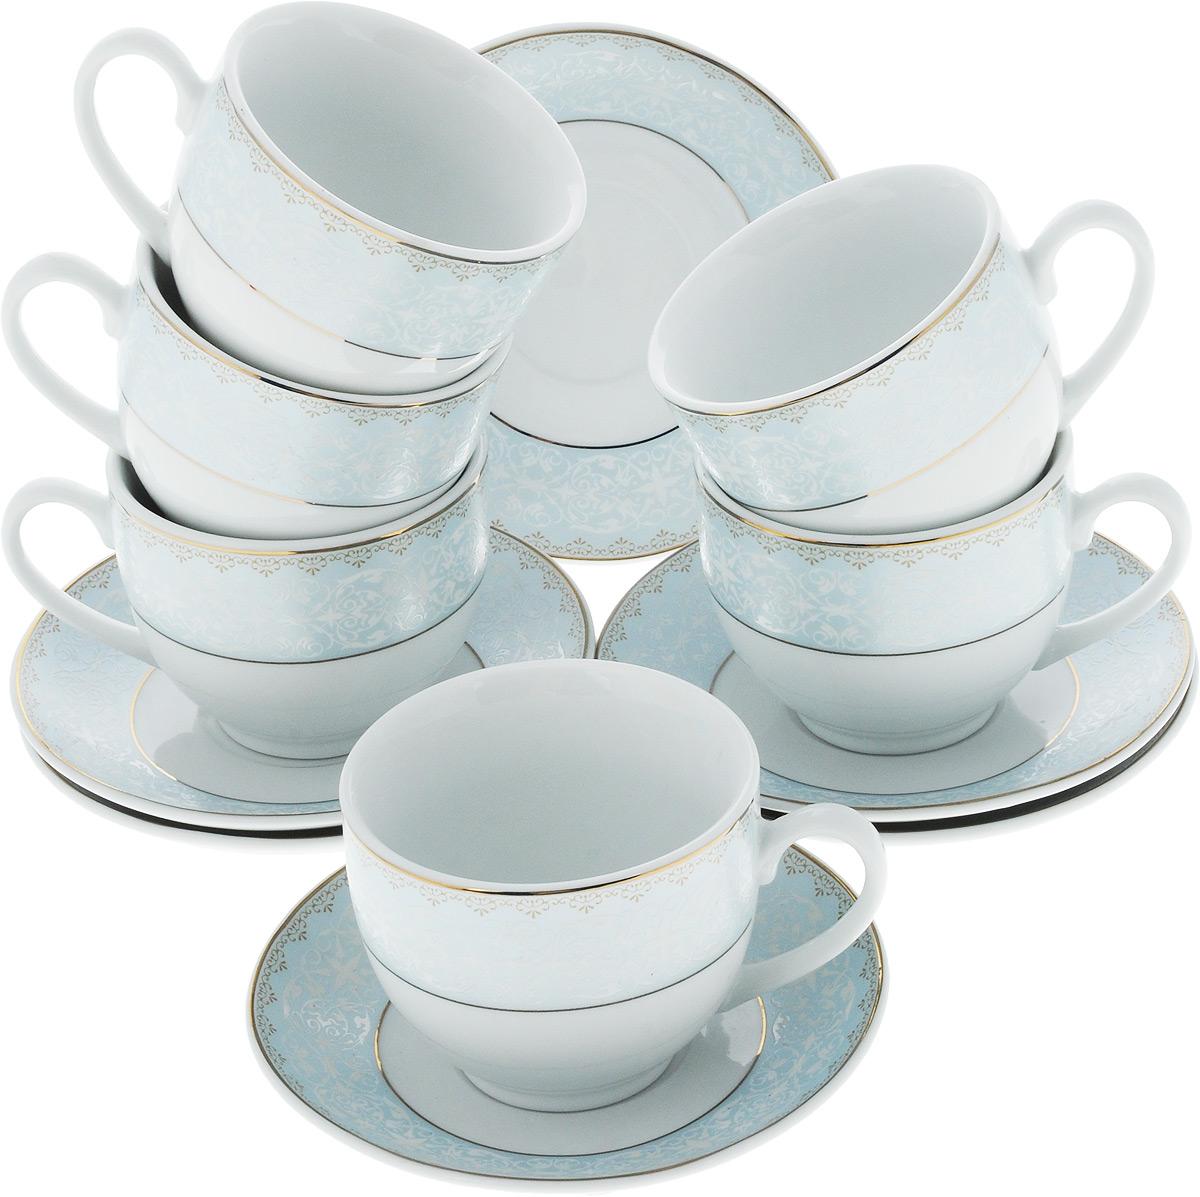 Набор чайный Loraine, 12 предметов. 25902115510Чайный набор Loraine на 6 персон выполнен из высококачественного костяного фарфора - материала, безопасного для здоровья и надолго сохраняющего тепло напитка. В наборе 6 чашек и 6 блюдец. Несмотря на свою внешнюю хрупкость, каждый из предметов набора обладает высокой прочностью и надежностью. Изделия украшенызолотистой эмалью и красивым орнаментом. Такой чайный набор станет украшением стола, а процесс чаепития превратится в одно удовольствие!Такой набор можно преподнести в качестве оригинального и практичного подарка для родных и близких. Объем чашки: 240 мл. Диаметр чашки (по верхнему краю): 8,5 см. Высота чашки: 7 см. Диаметр блюдца: 13,5 см.